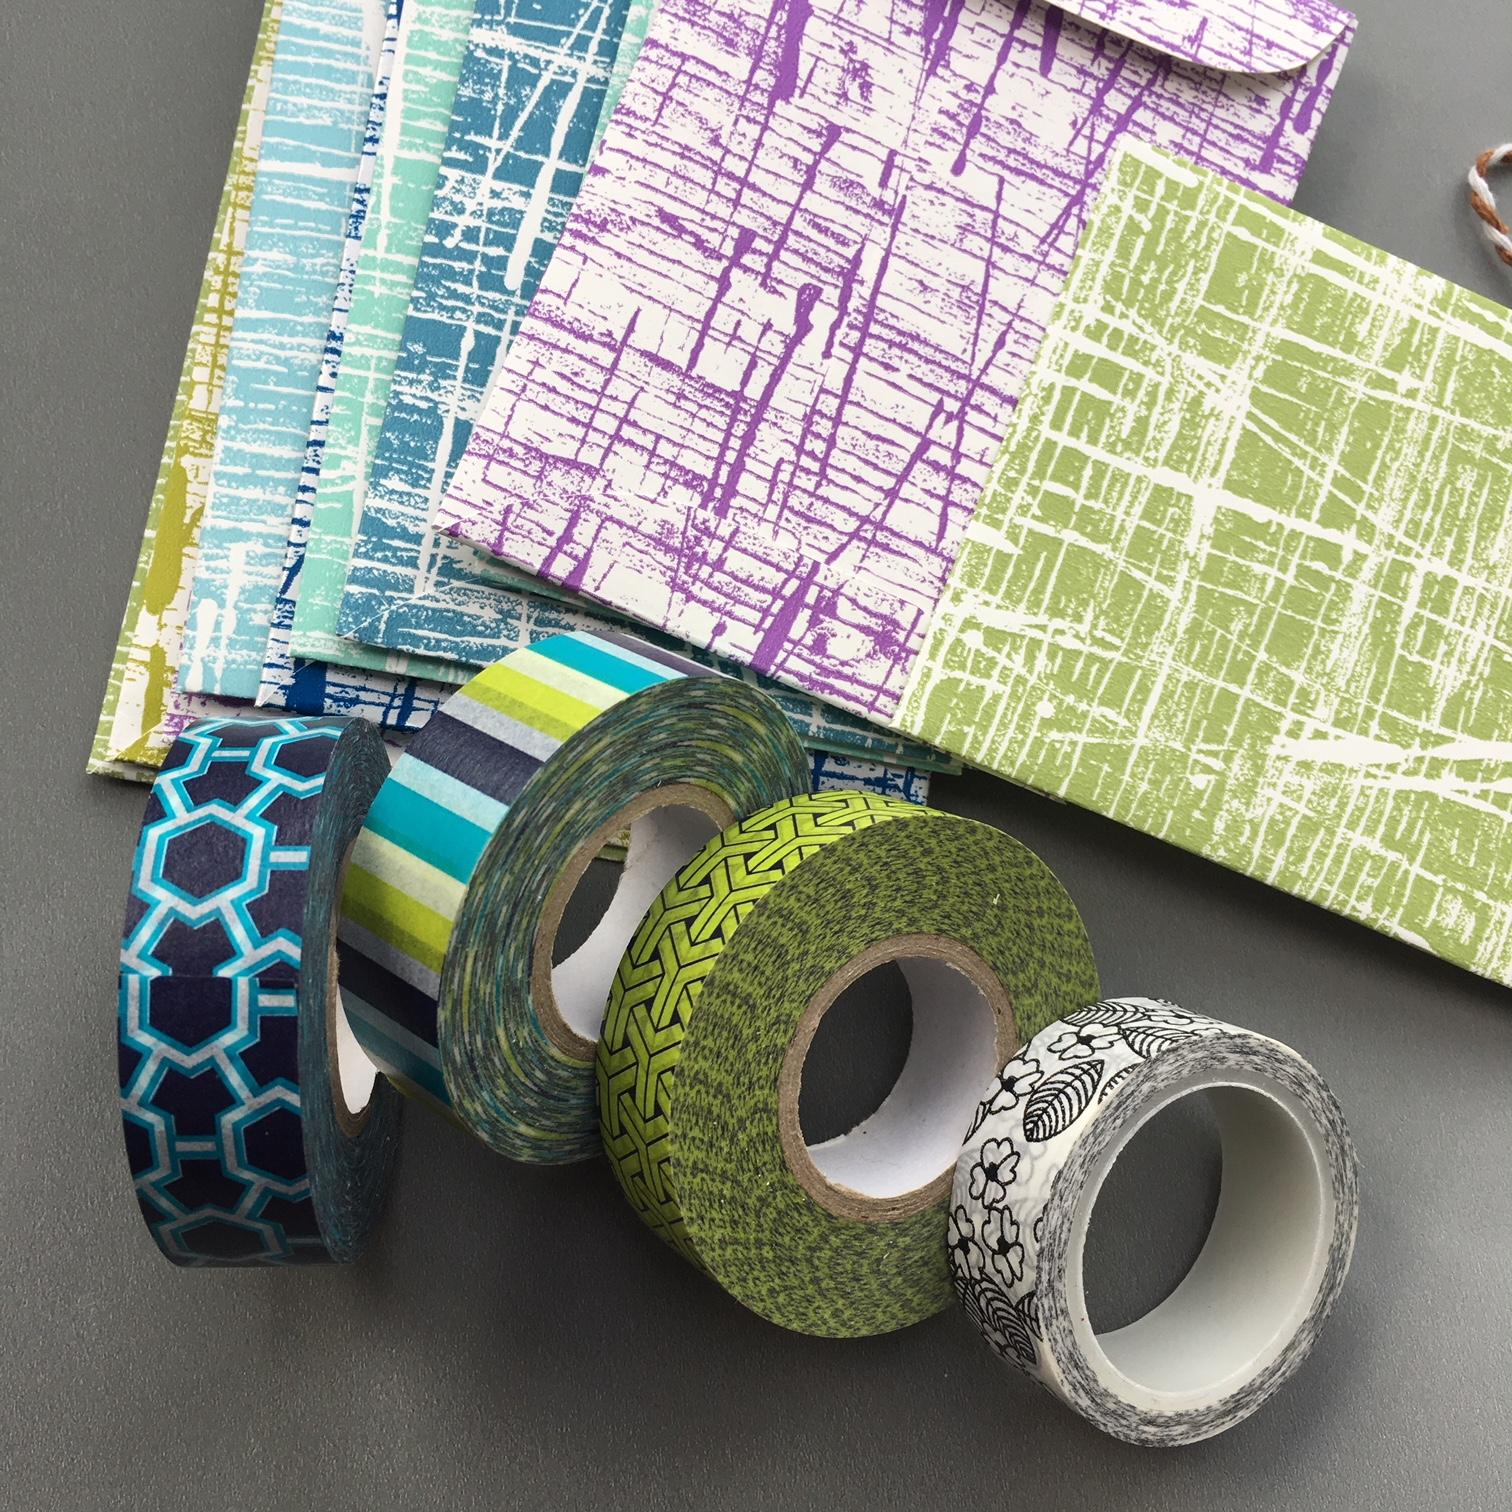 pocket envelopes matching the Washi tape colours